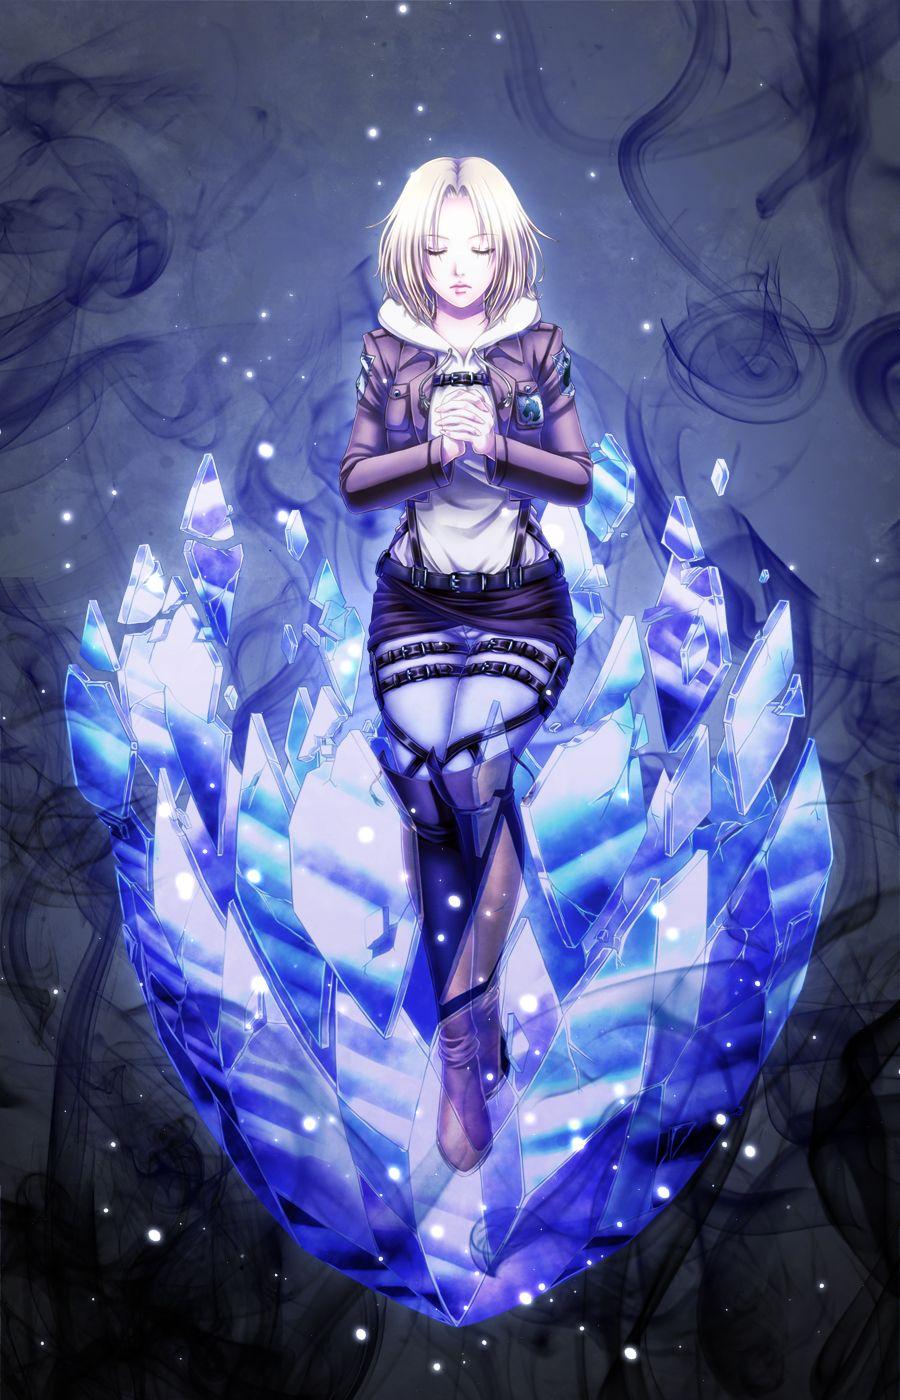 眠り姫 あちこあこ Pixiv アニレオンハート キャラクター